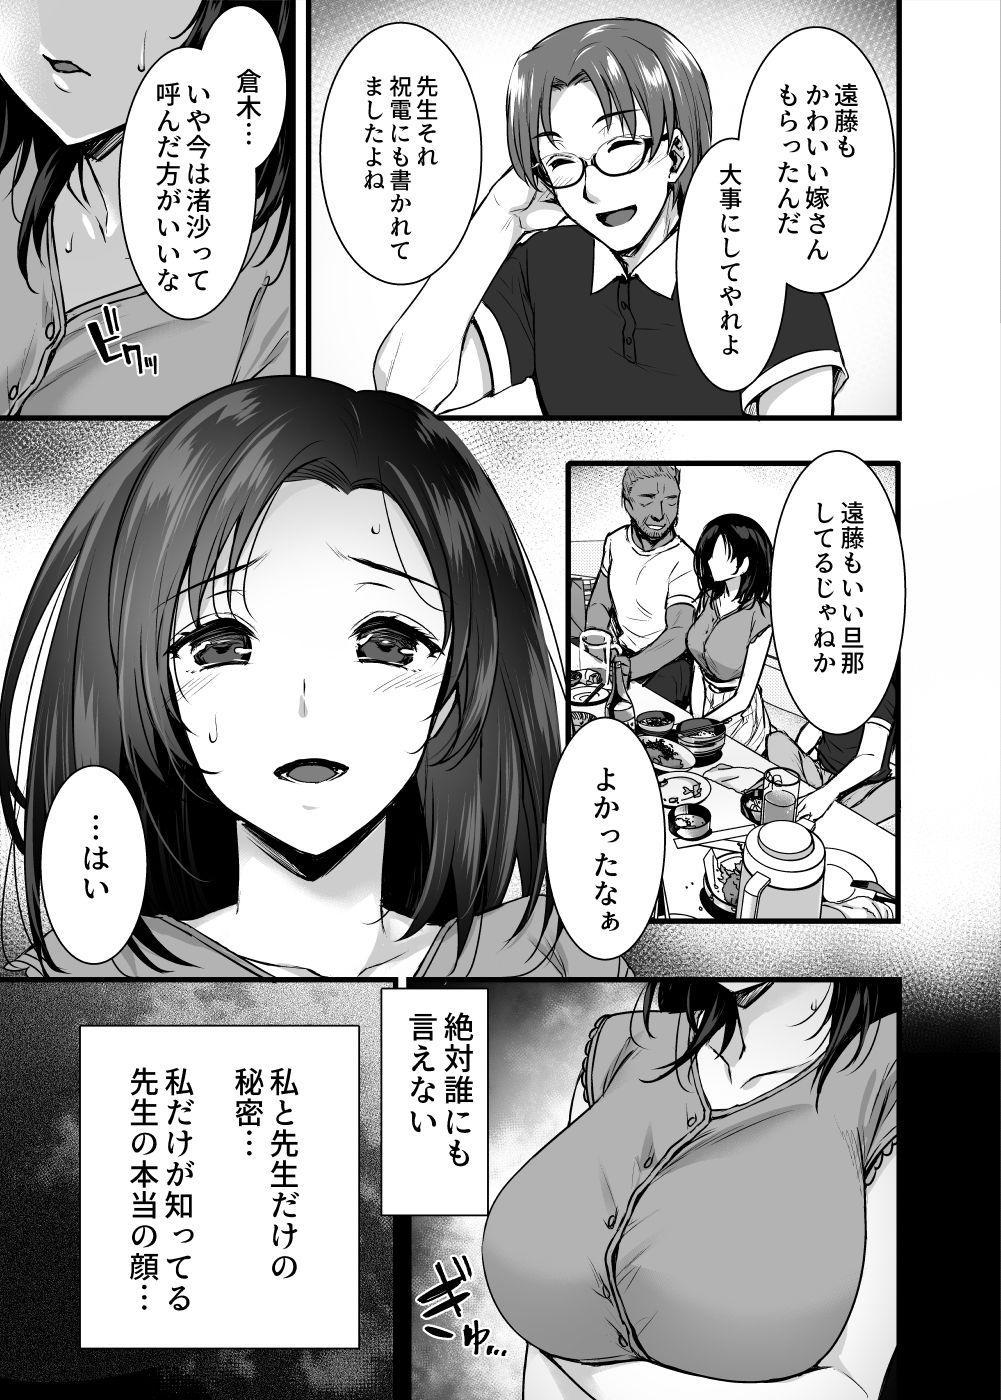 Tsuma no Hajimete no Otoko 5